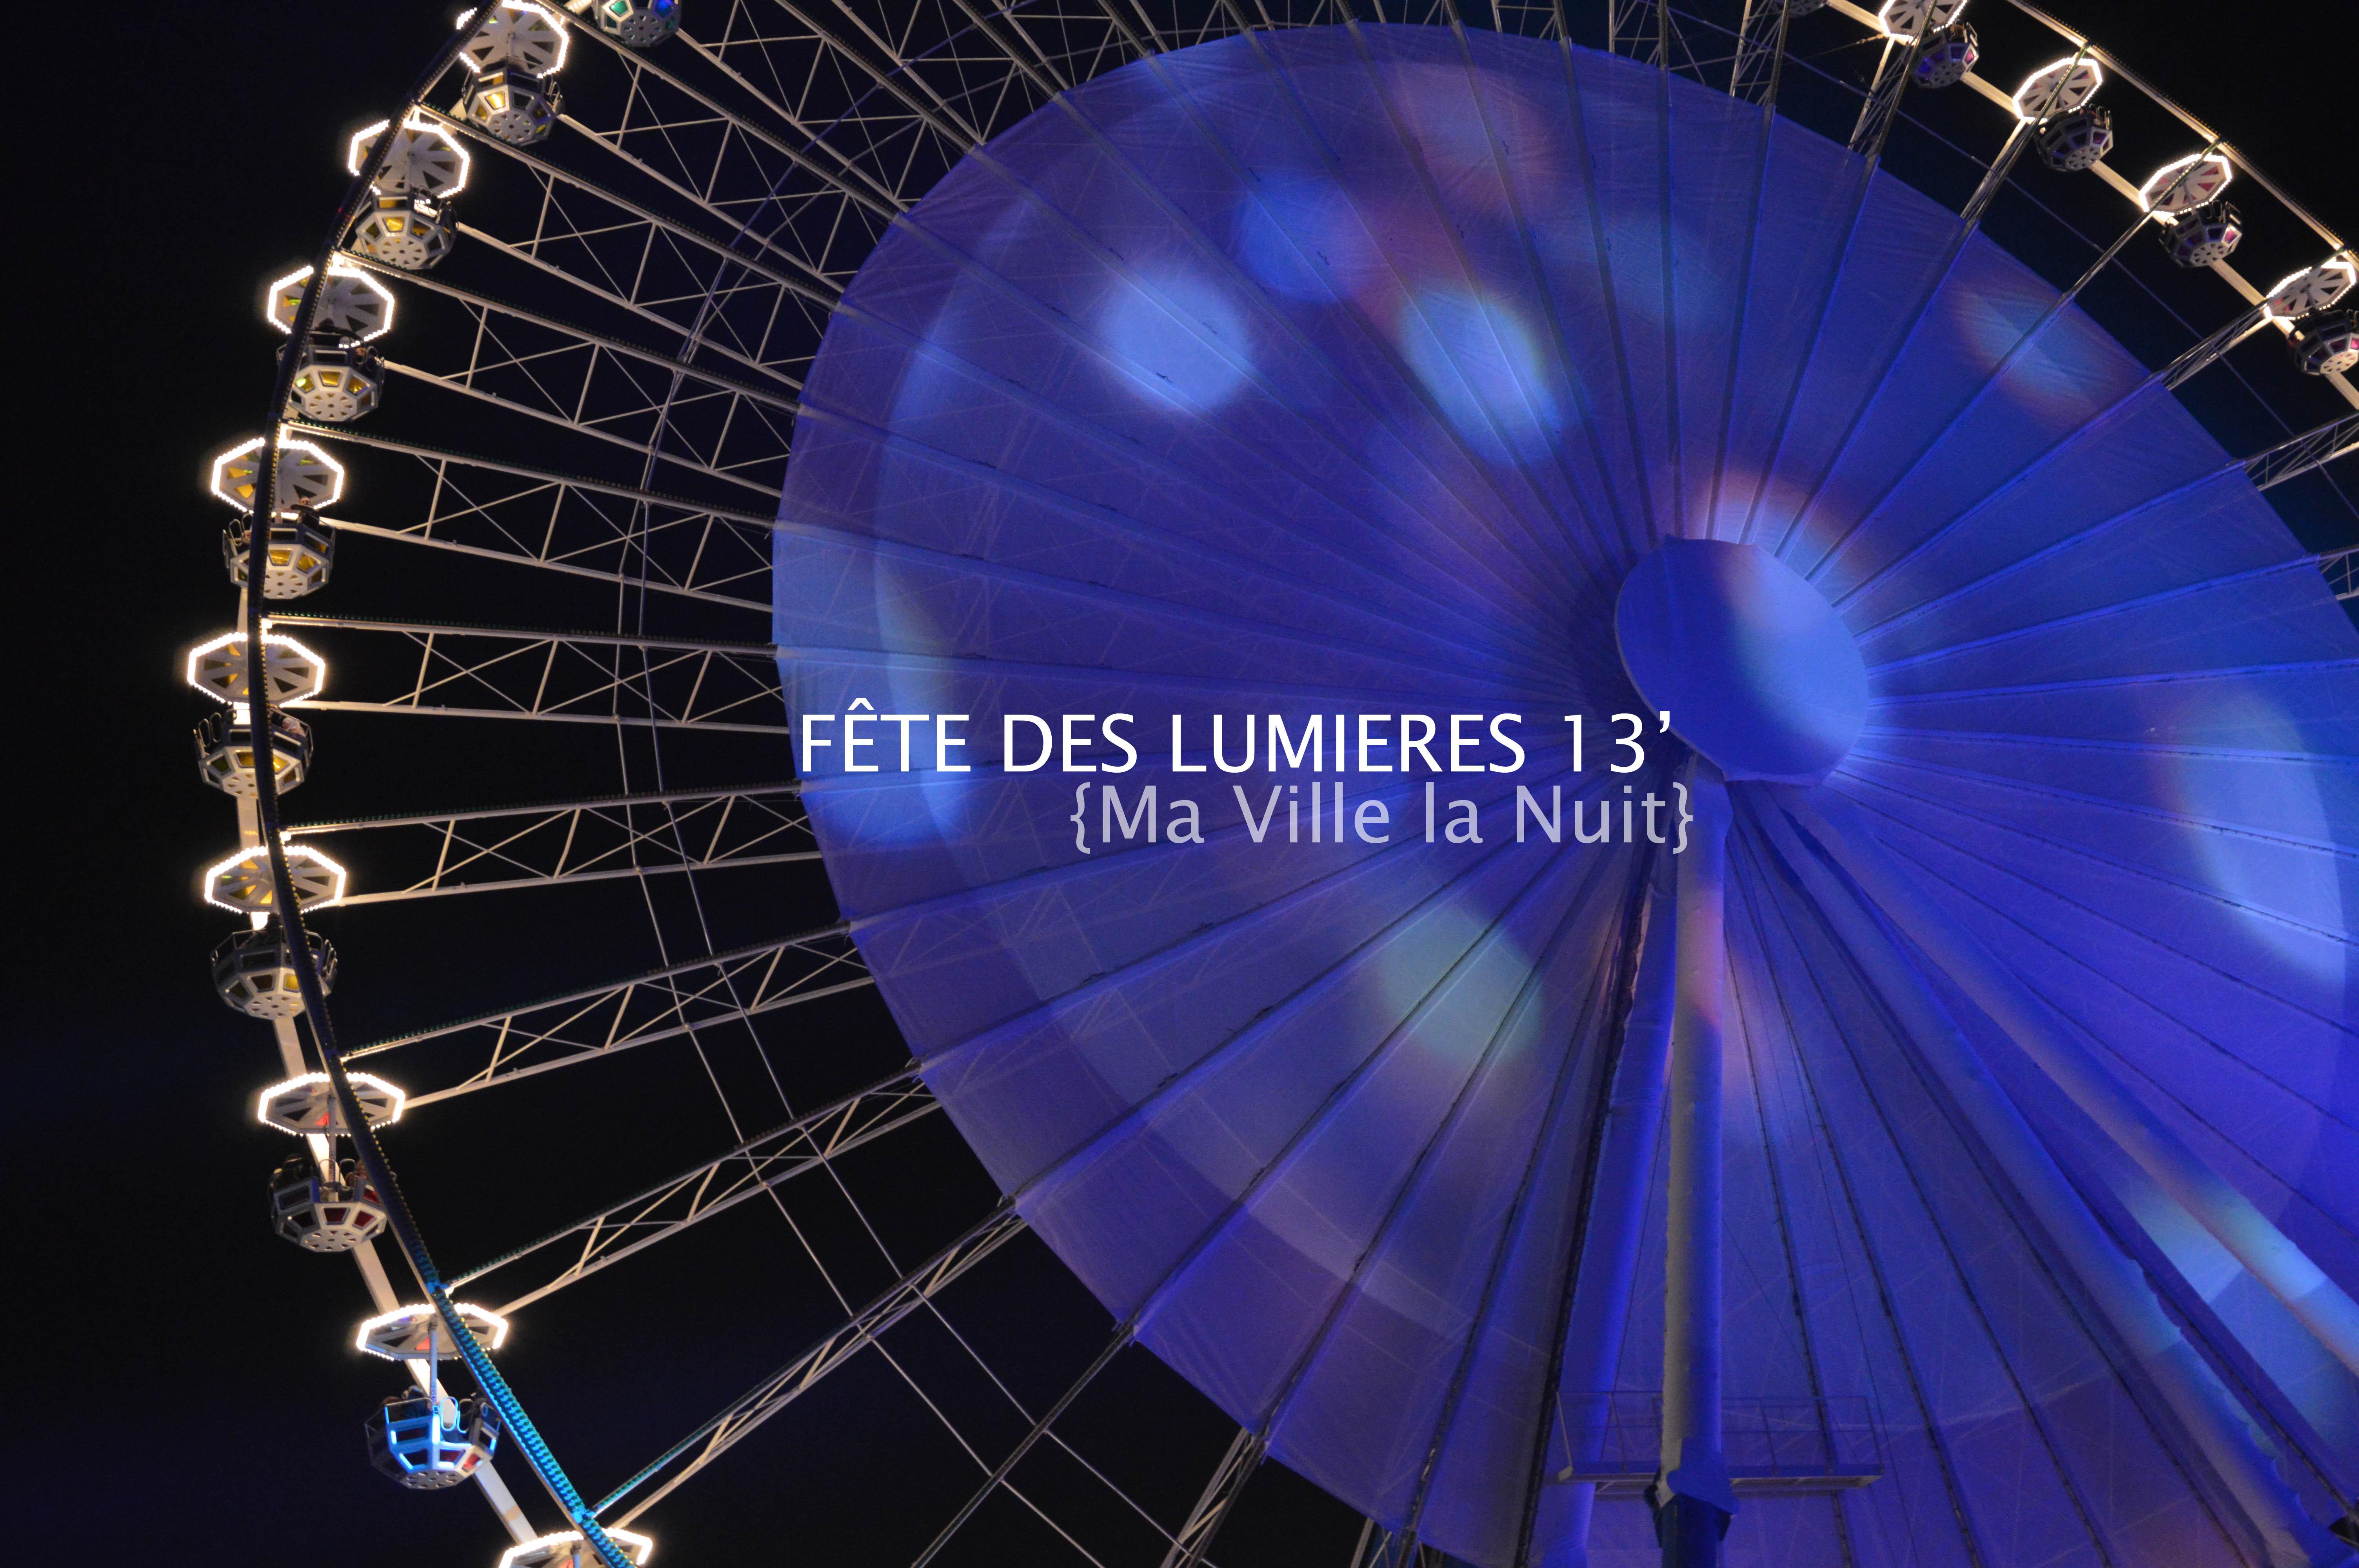 ALITTLEB_BLOG_BEAUTE_FETES_DES_LUMIERES_2013_MA_VILLE_LA_NUIT_LYON